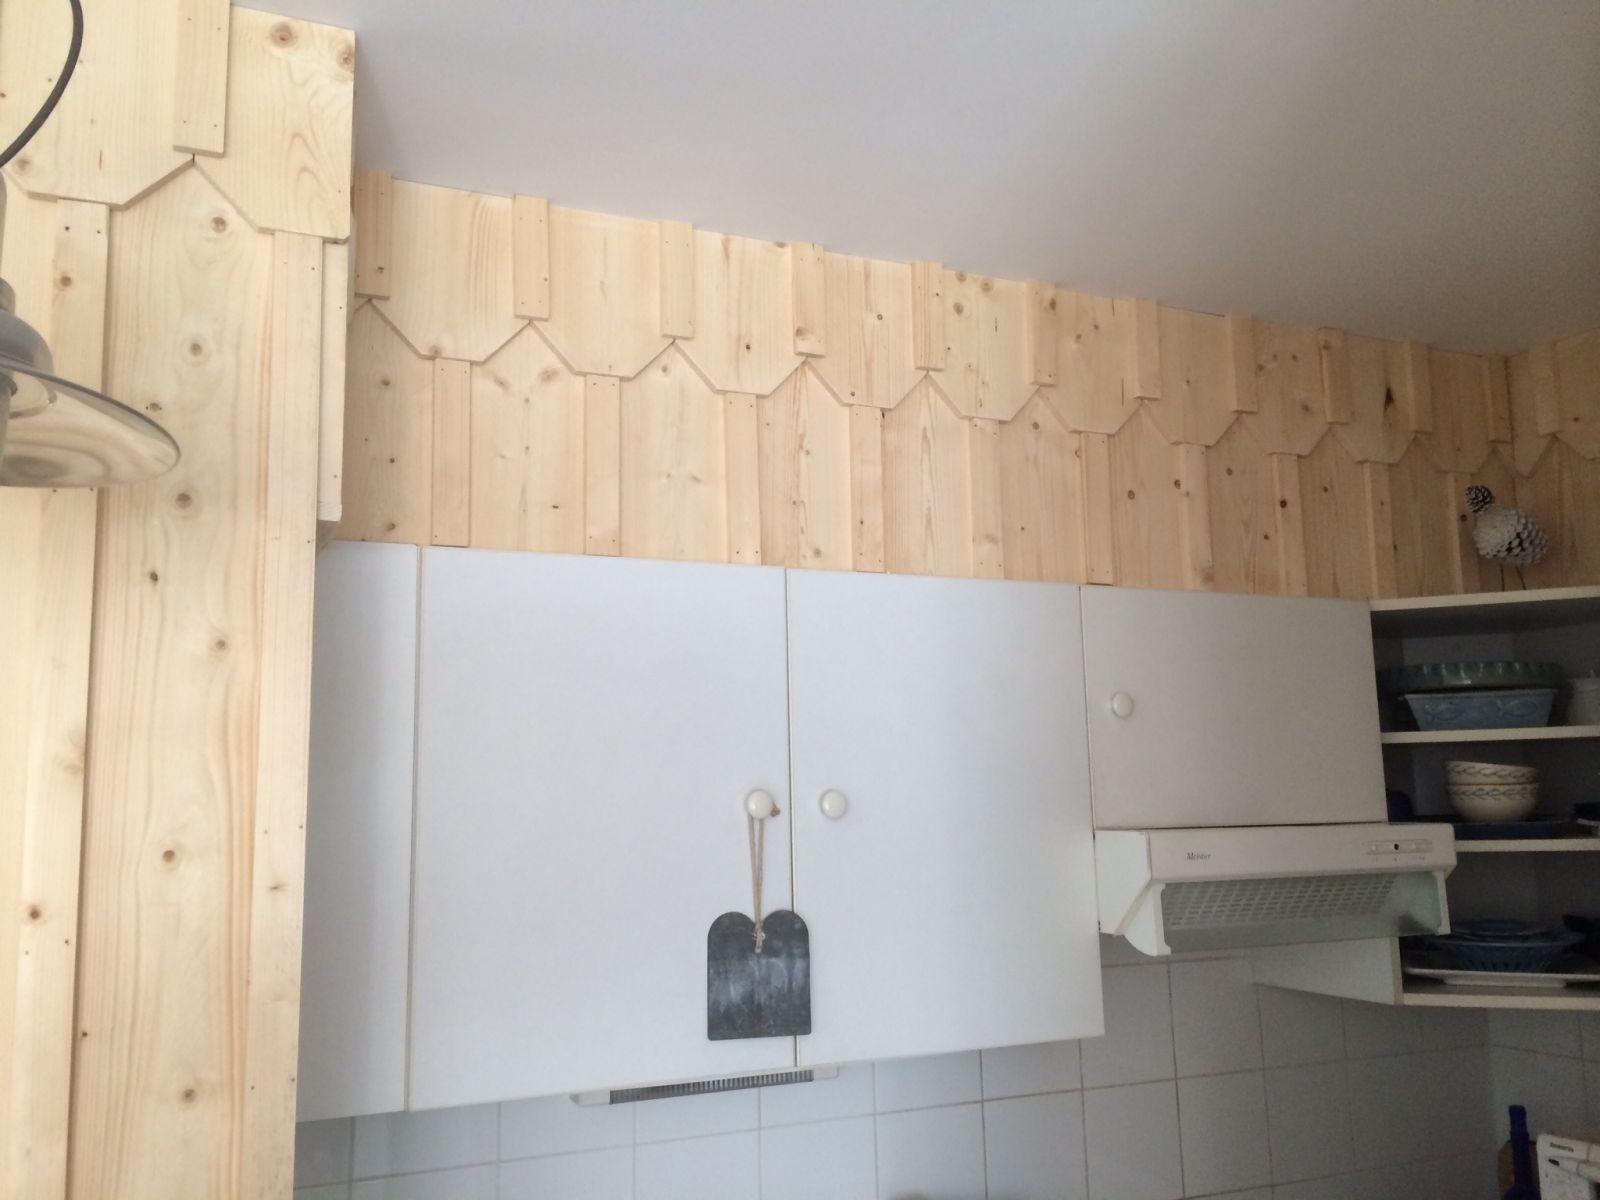 impermeabilisant mur et joint imperm 28 images plafond joints du placo notre maison dans le  # Bardage Intérieur Bois